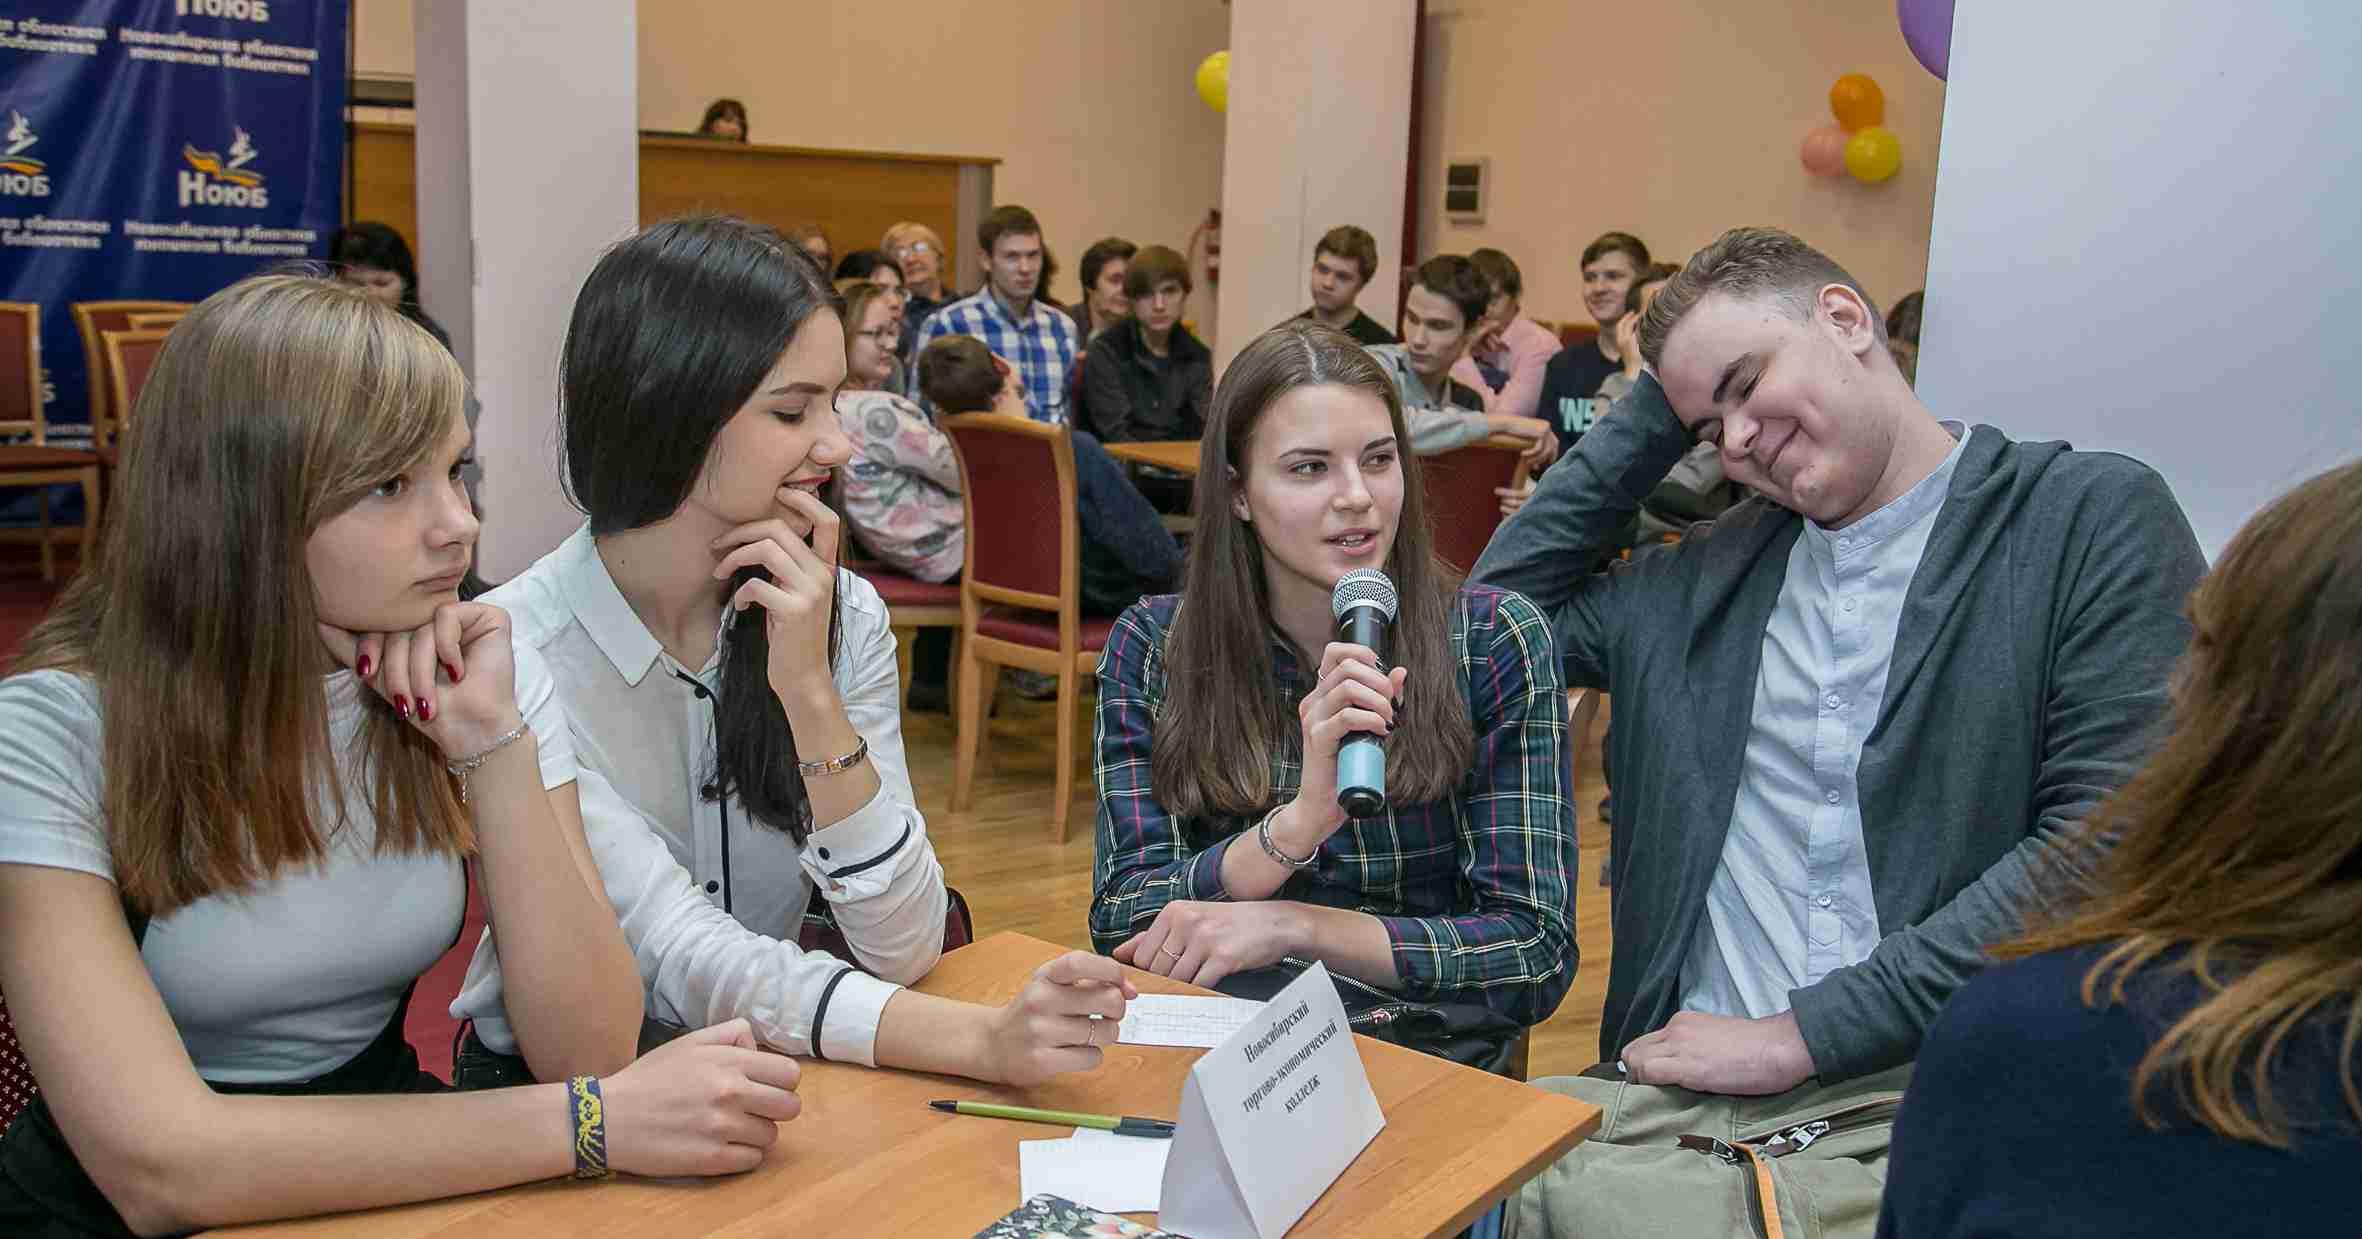 Квиз, тестирование и настольные игры по профессиям — областная юношеская библиотека приглашает на День абитуриента